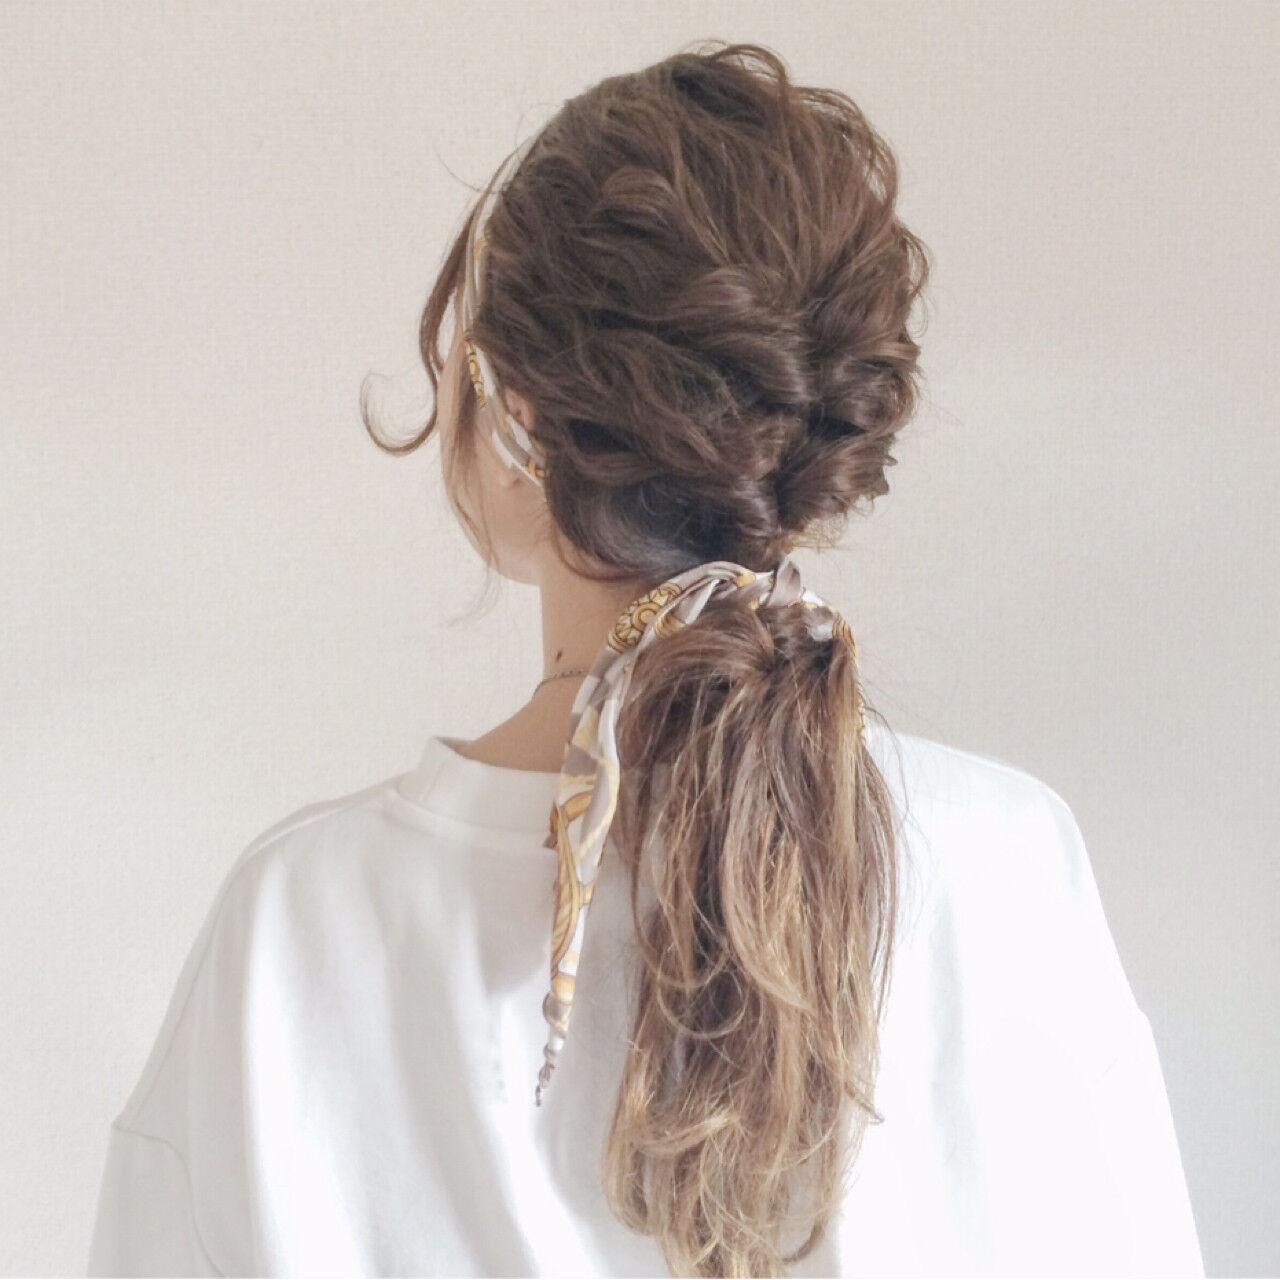 ローポニーテール セルフヘアアレンジ ストリート ヘアアクセヘアスタイルや髪型の写真・画像